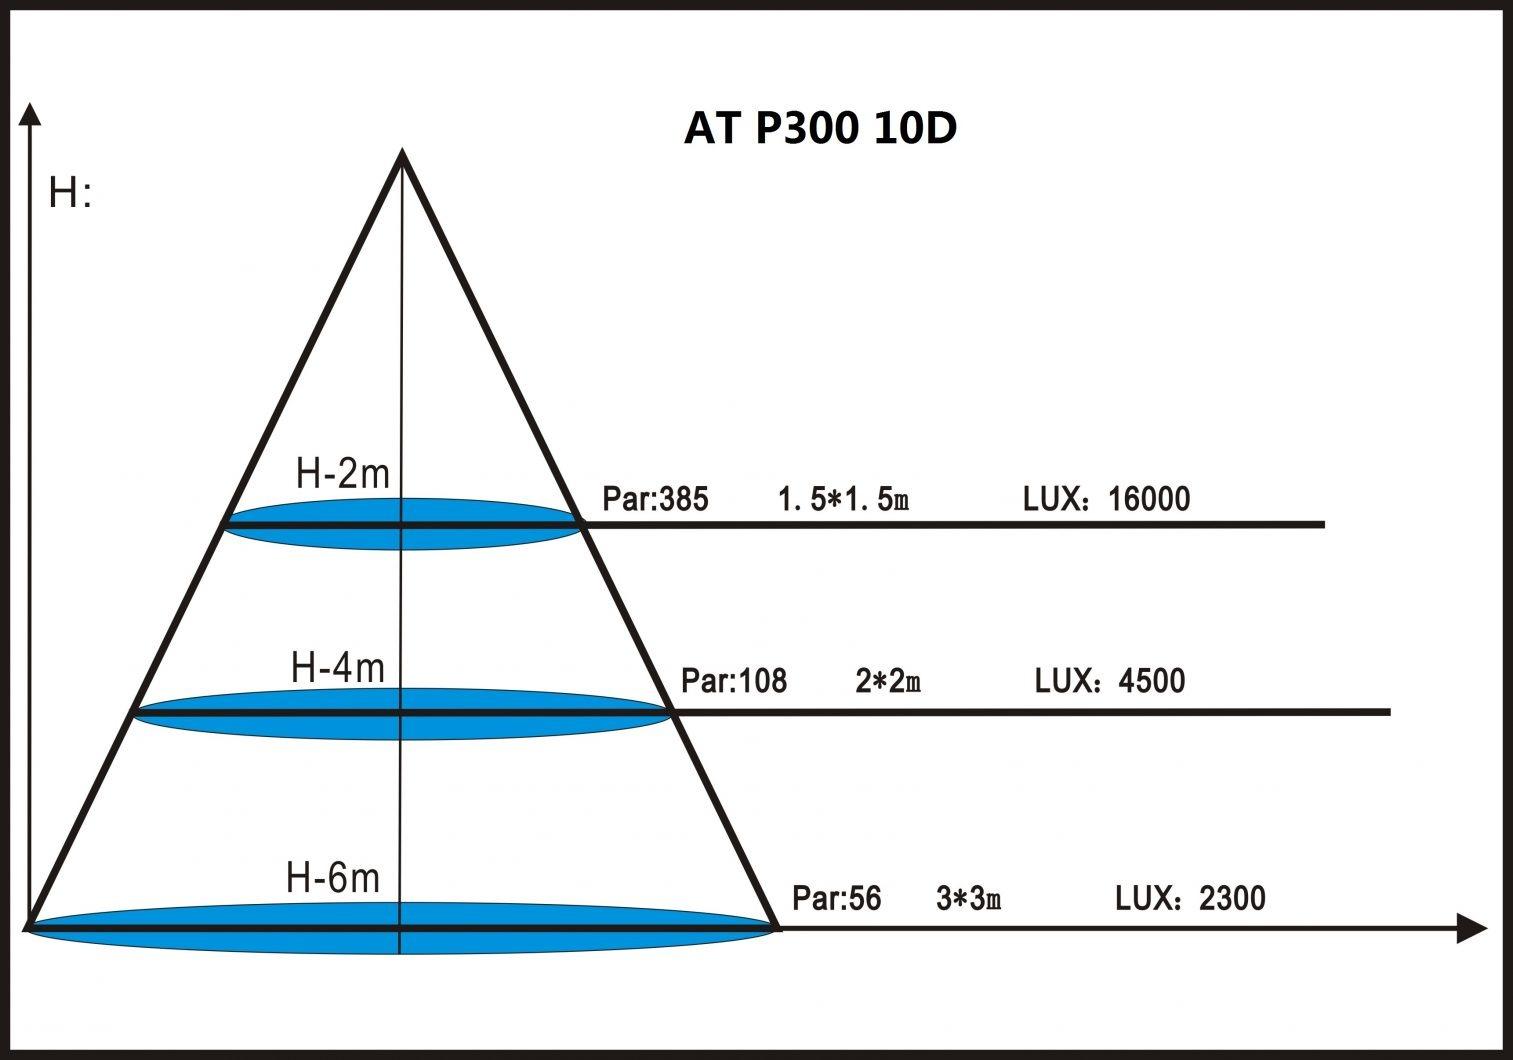 a-p300-10d